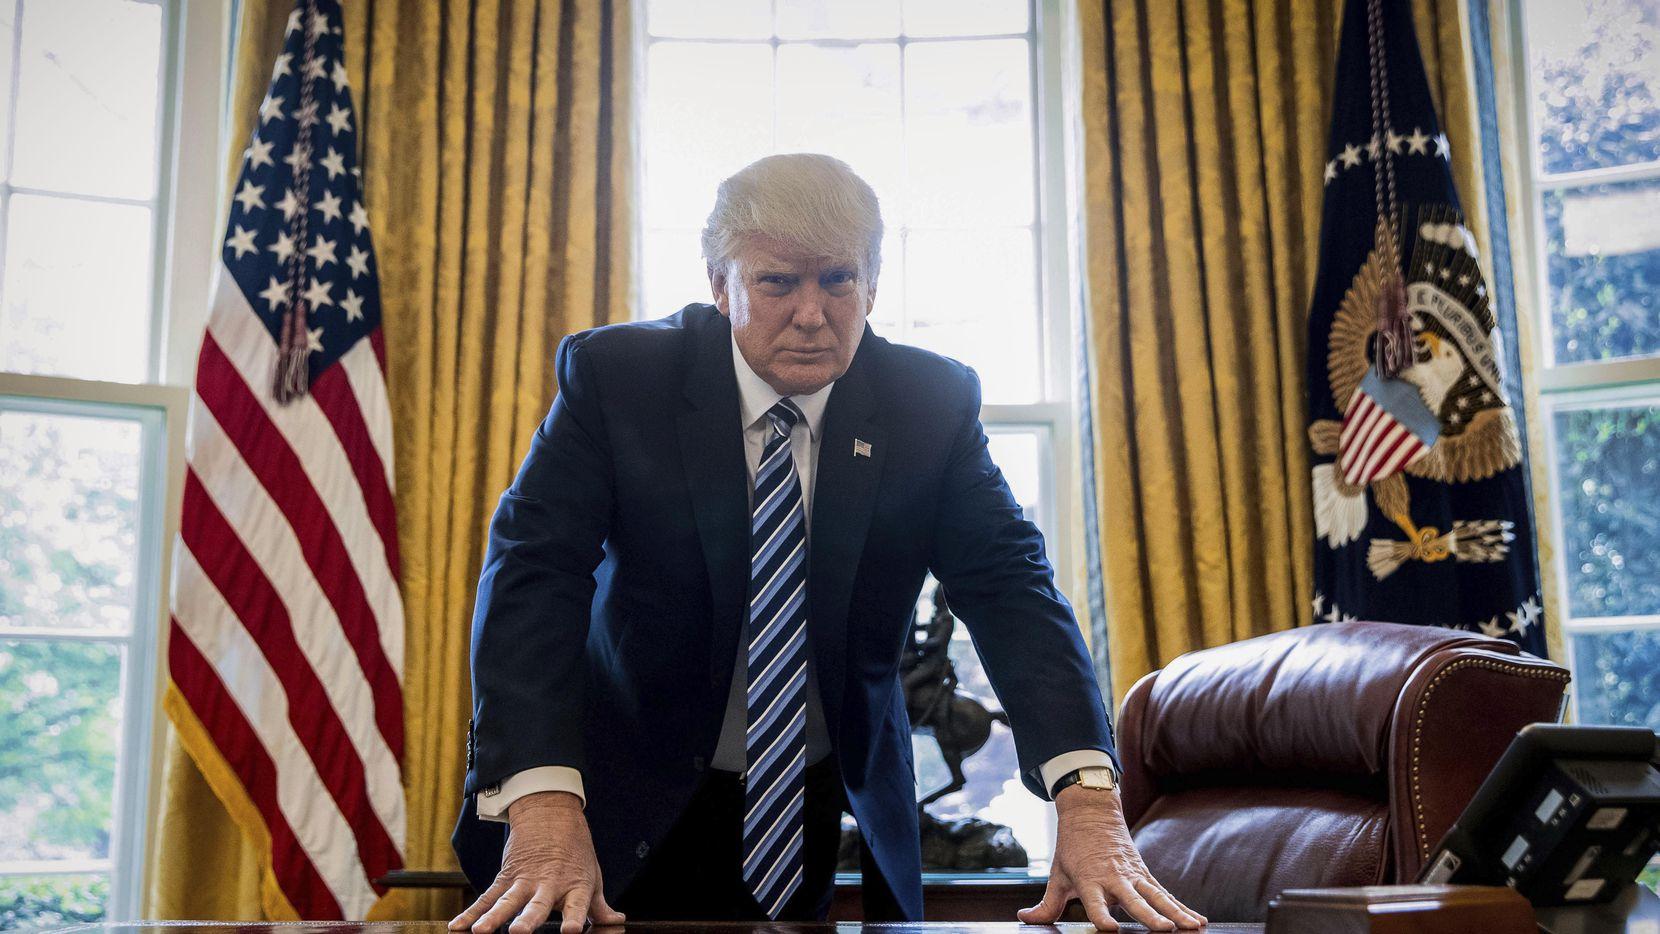 El presidente Donald Trump en la Oficina Oval en la Casa Blanca en Washington, el 21 de abril del 2017. Foto AP